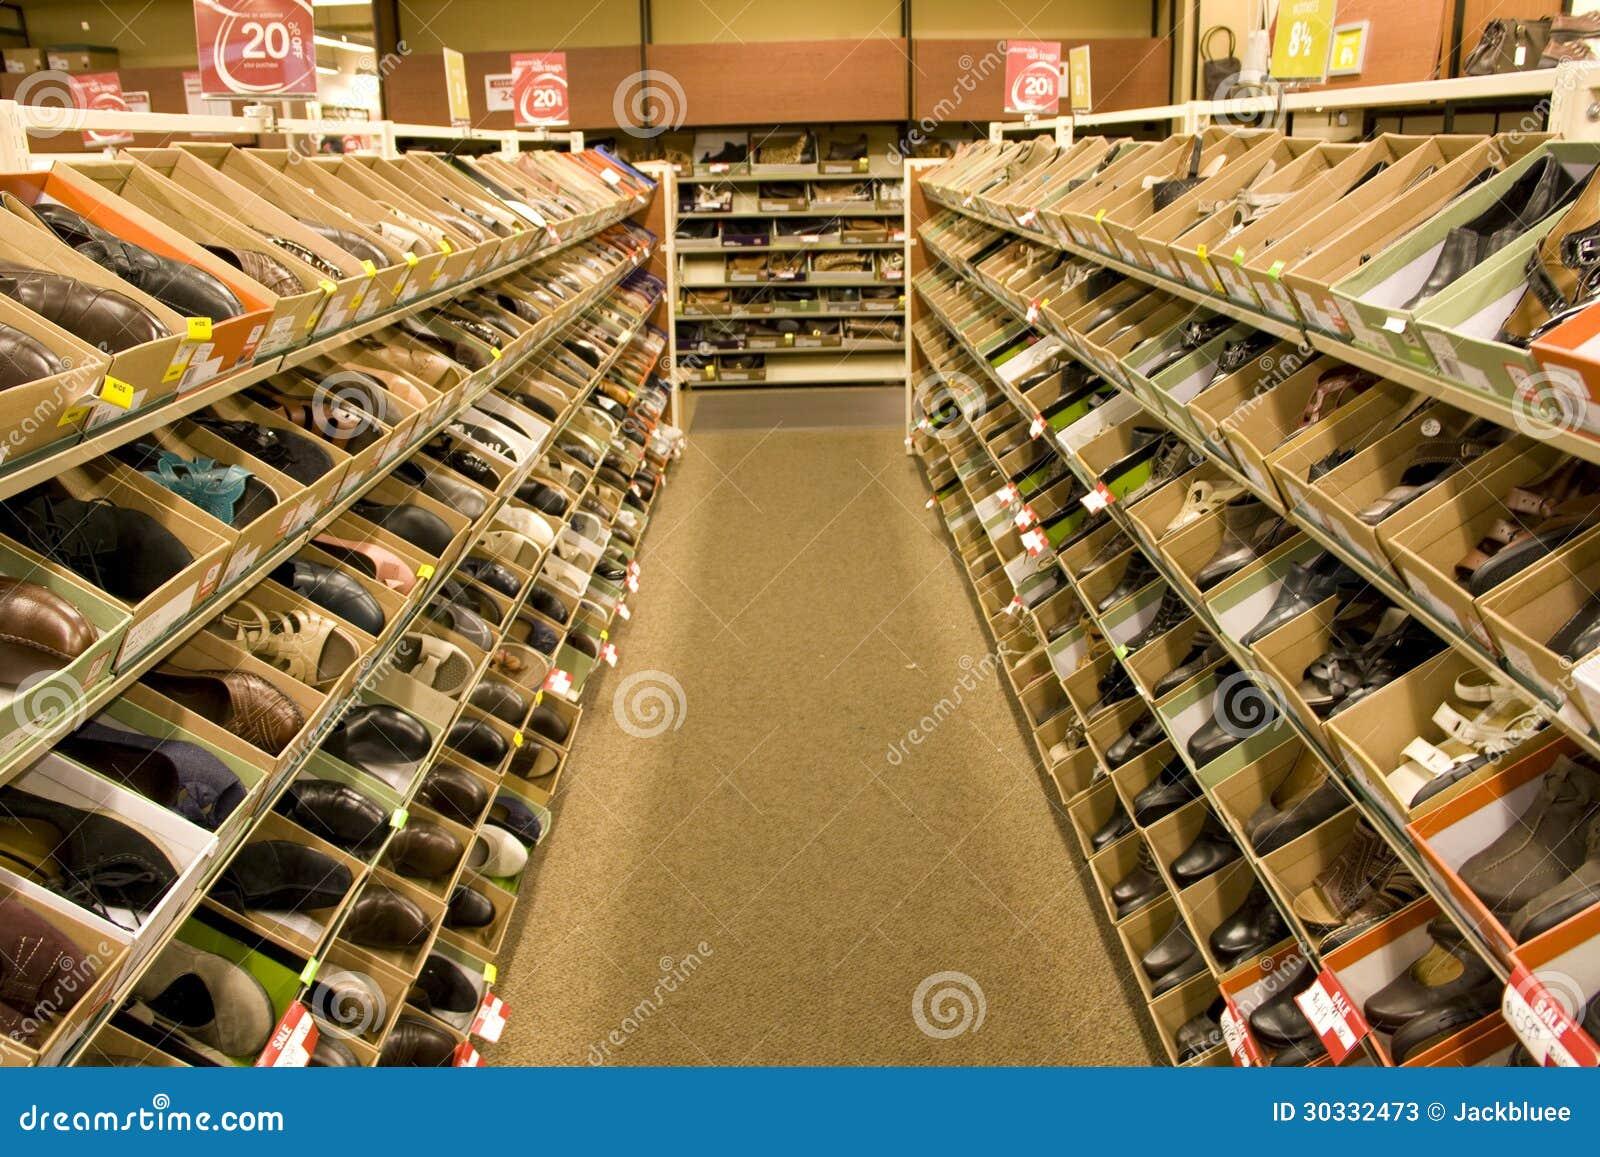 鞋子时尚商店